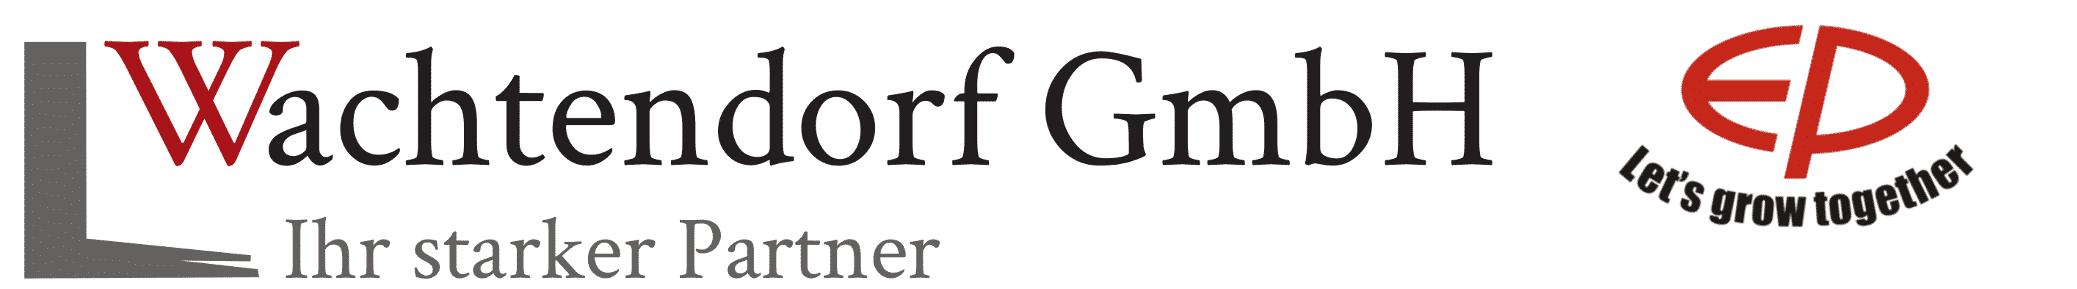 Wachtendorf GmbH – Gabelstapler, Hubwagen, Hebebühnen, Vermietung, Verkauf, Gebrauchtstapler, Vorführgeräte, Paderborn